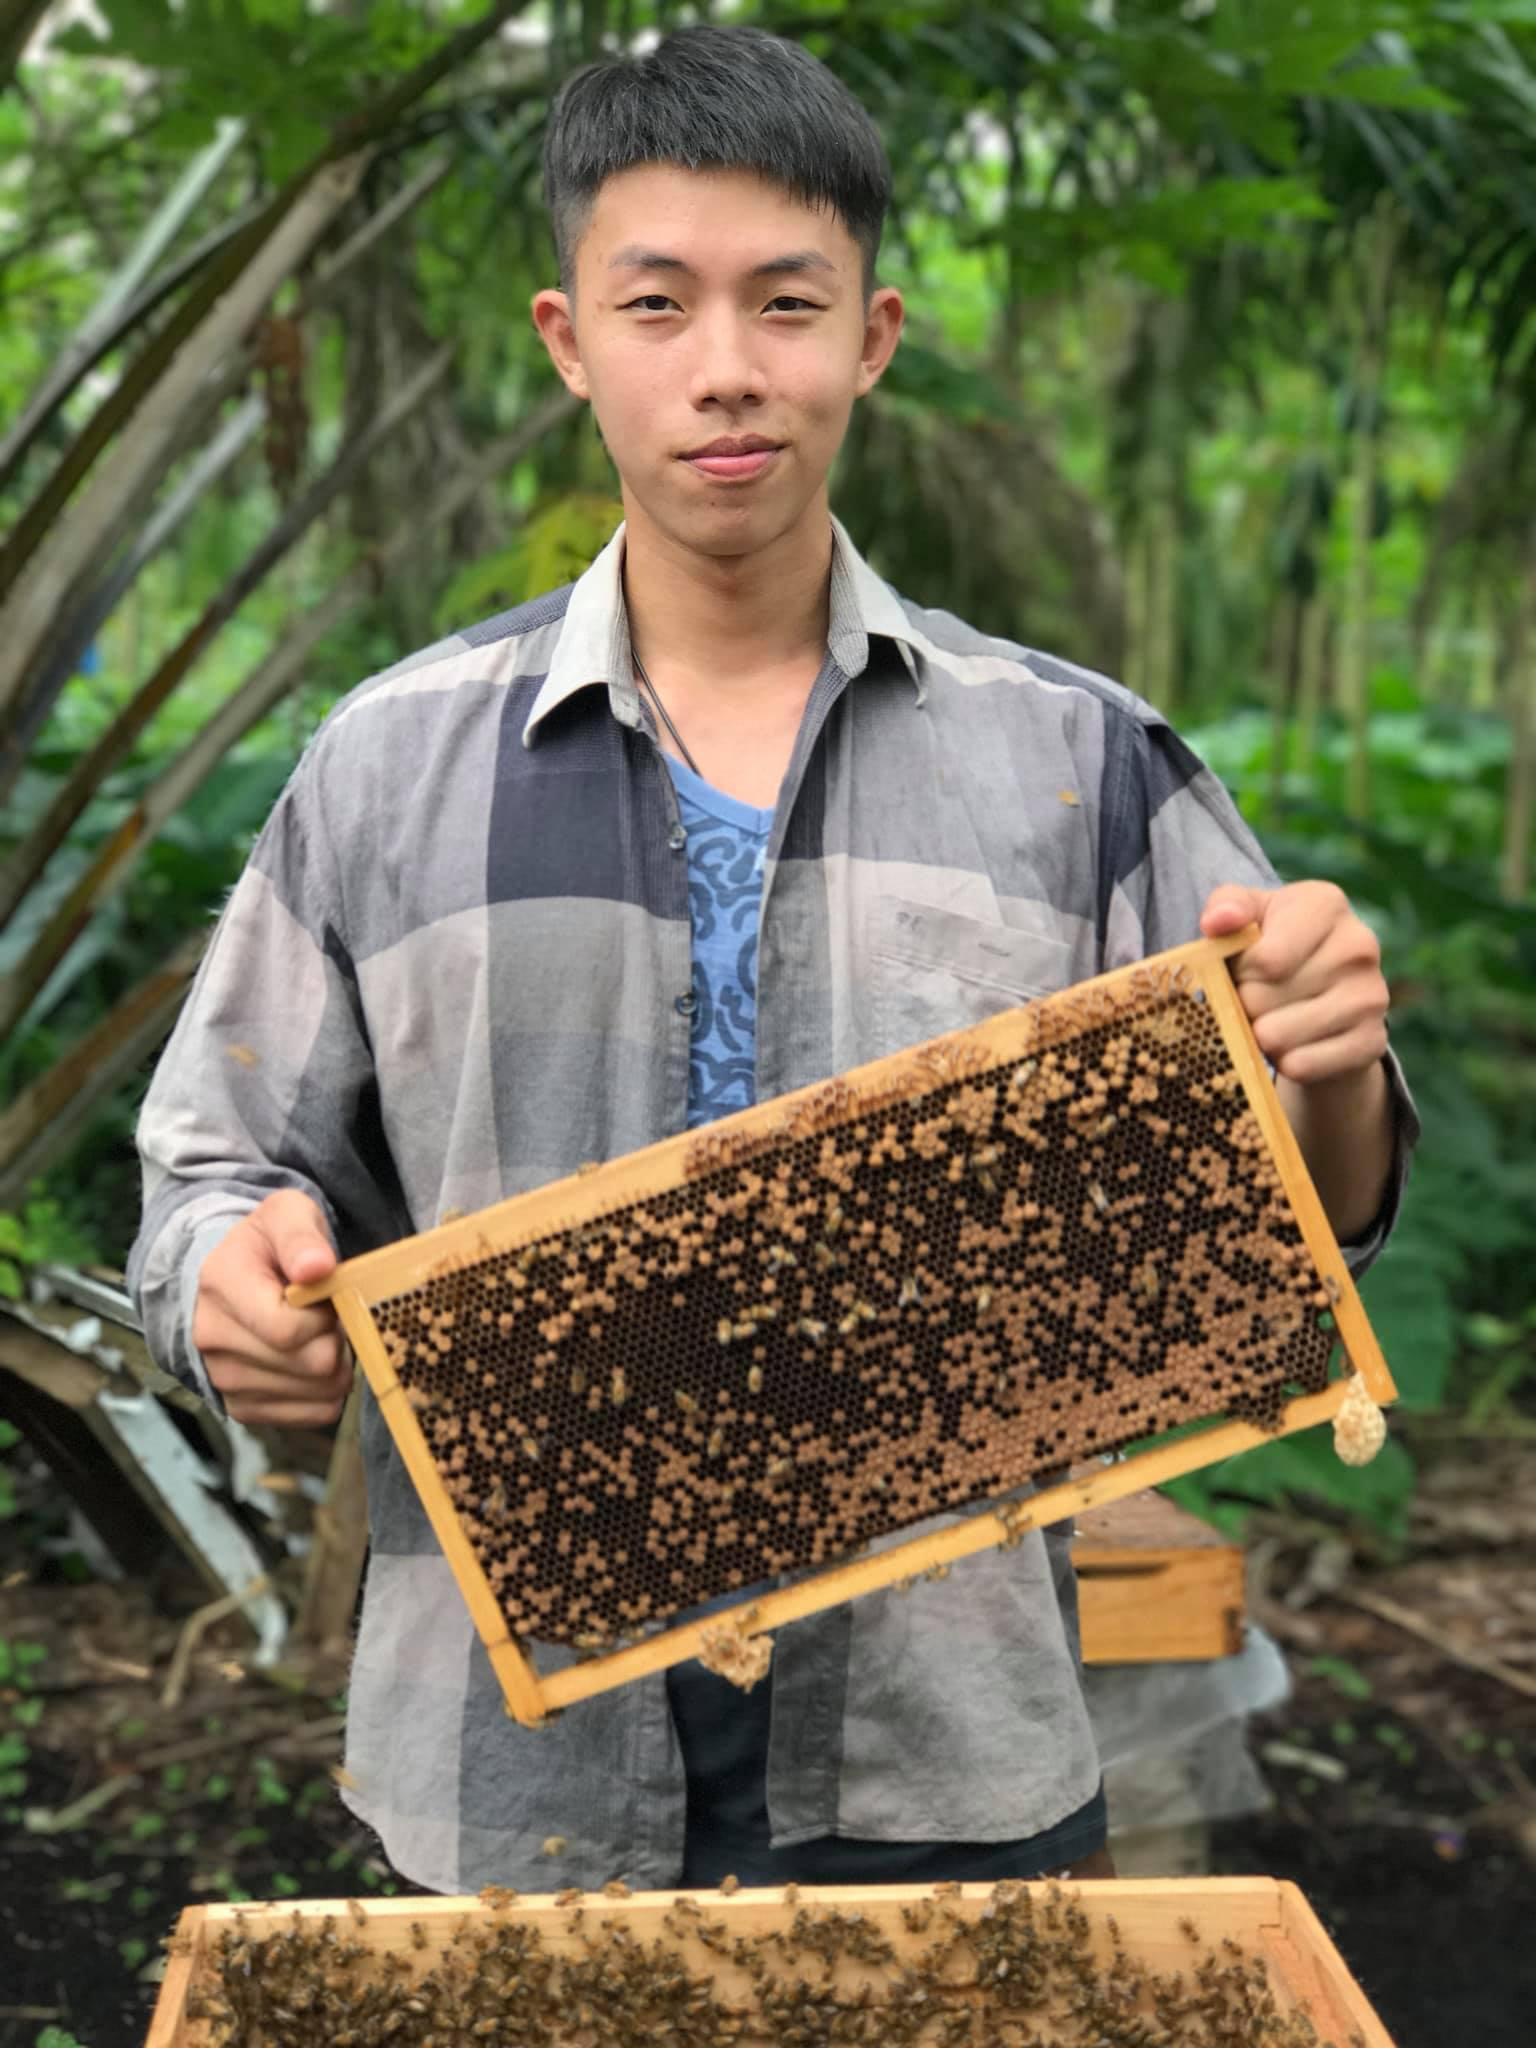 BEE BOY是一家超过3年的品牌,有超过10的养蜂经验,一直以来都坚持每一个步骤都亲自完成,从养殖蜂蜜到包装再到售卖蜂蜜,都是亲力亲为确保每一滴蜂蜜都是天然纯正。